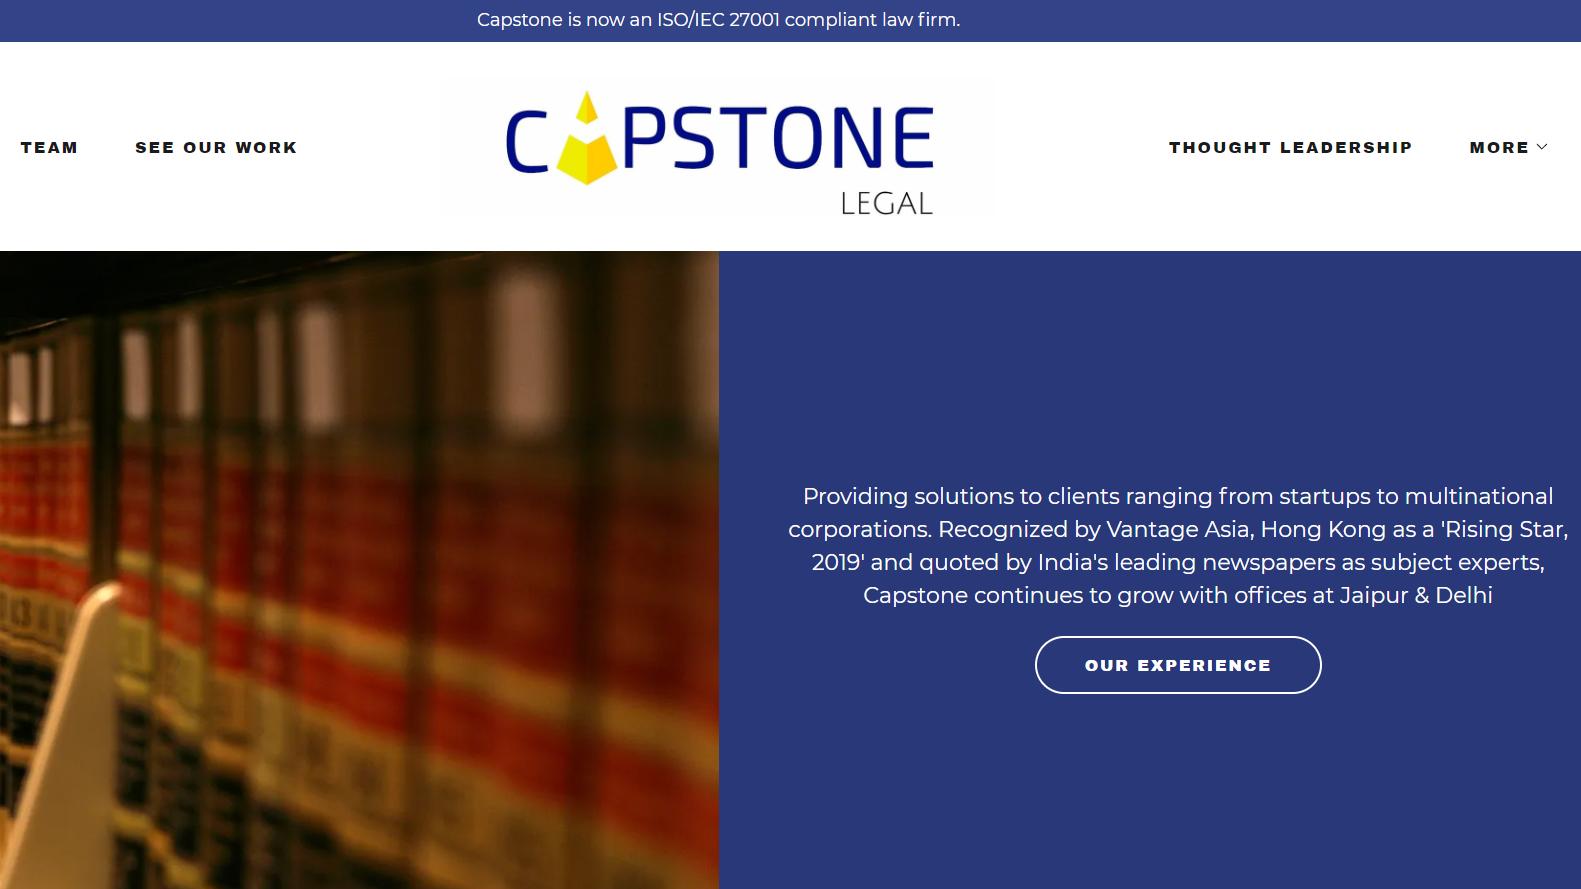 Capstone Legal